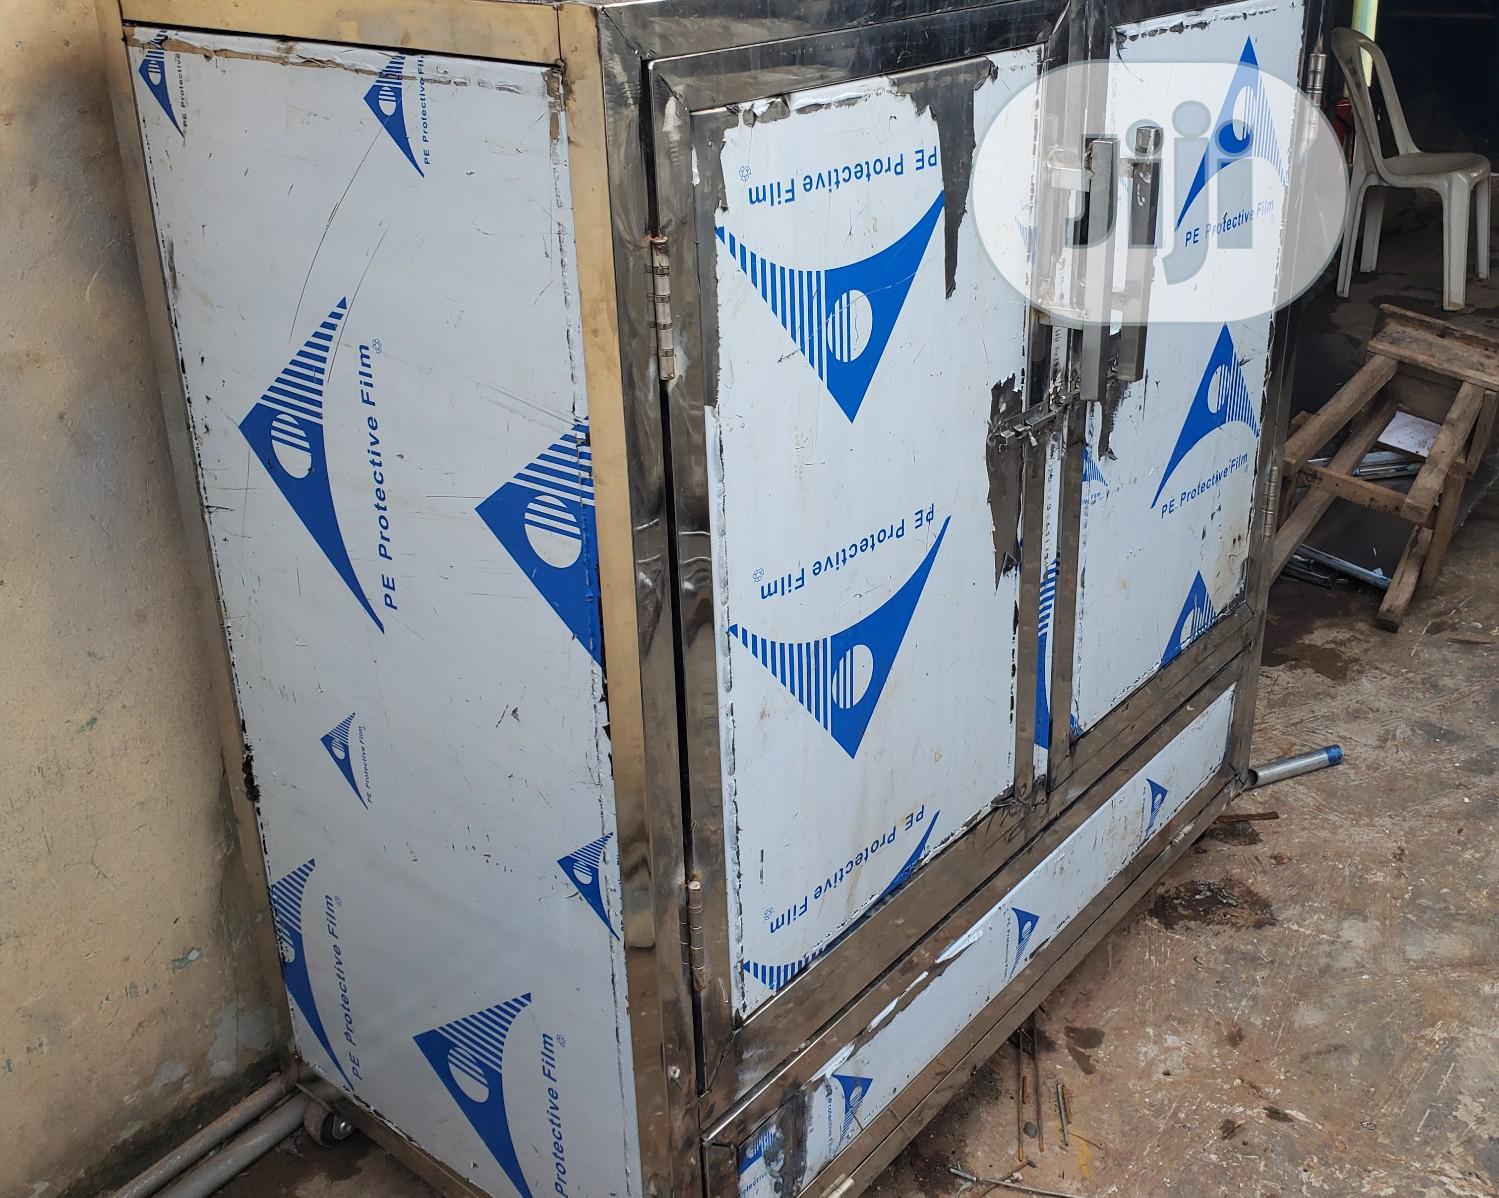 250 ×1kg Fish Smoking Kiln For Farmers